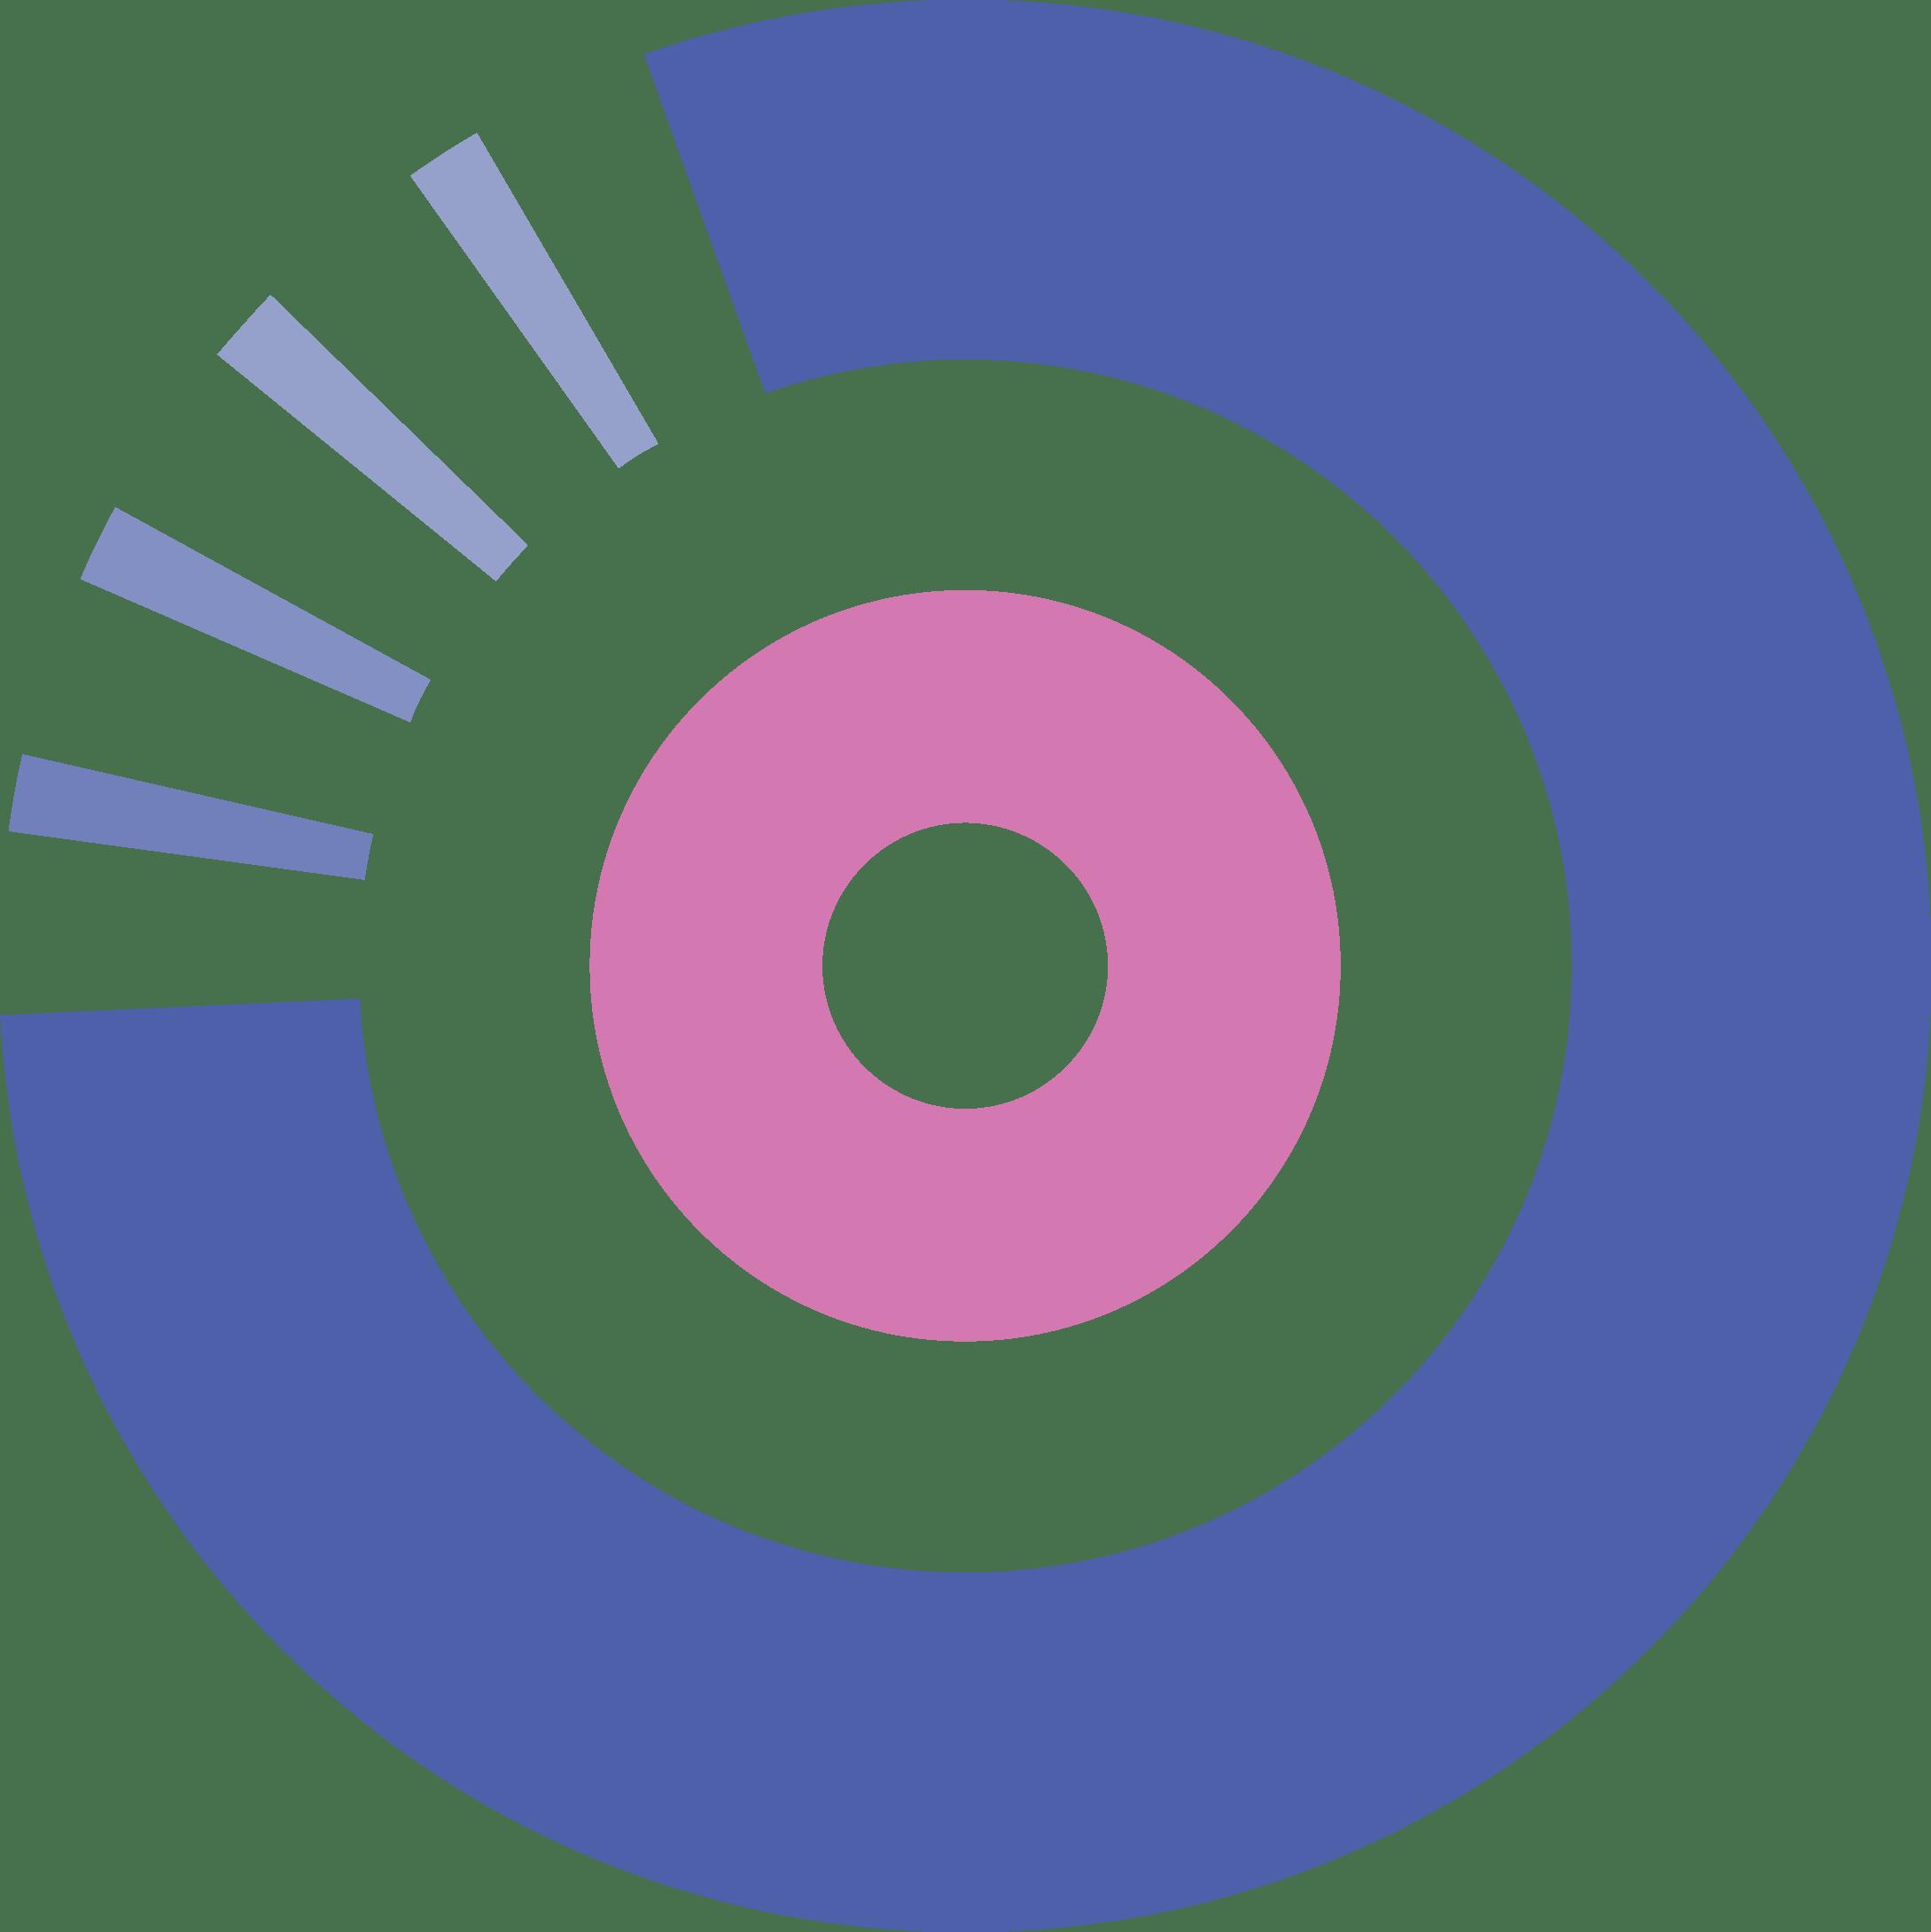 سومية درامشي